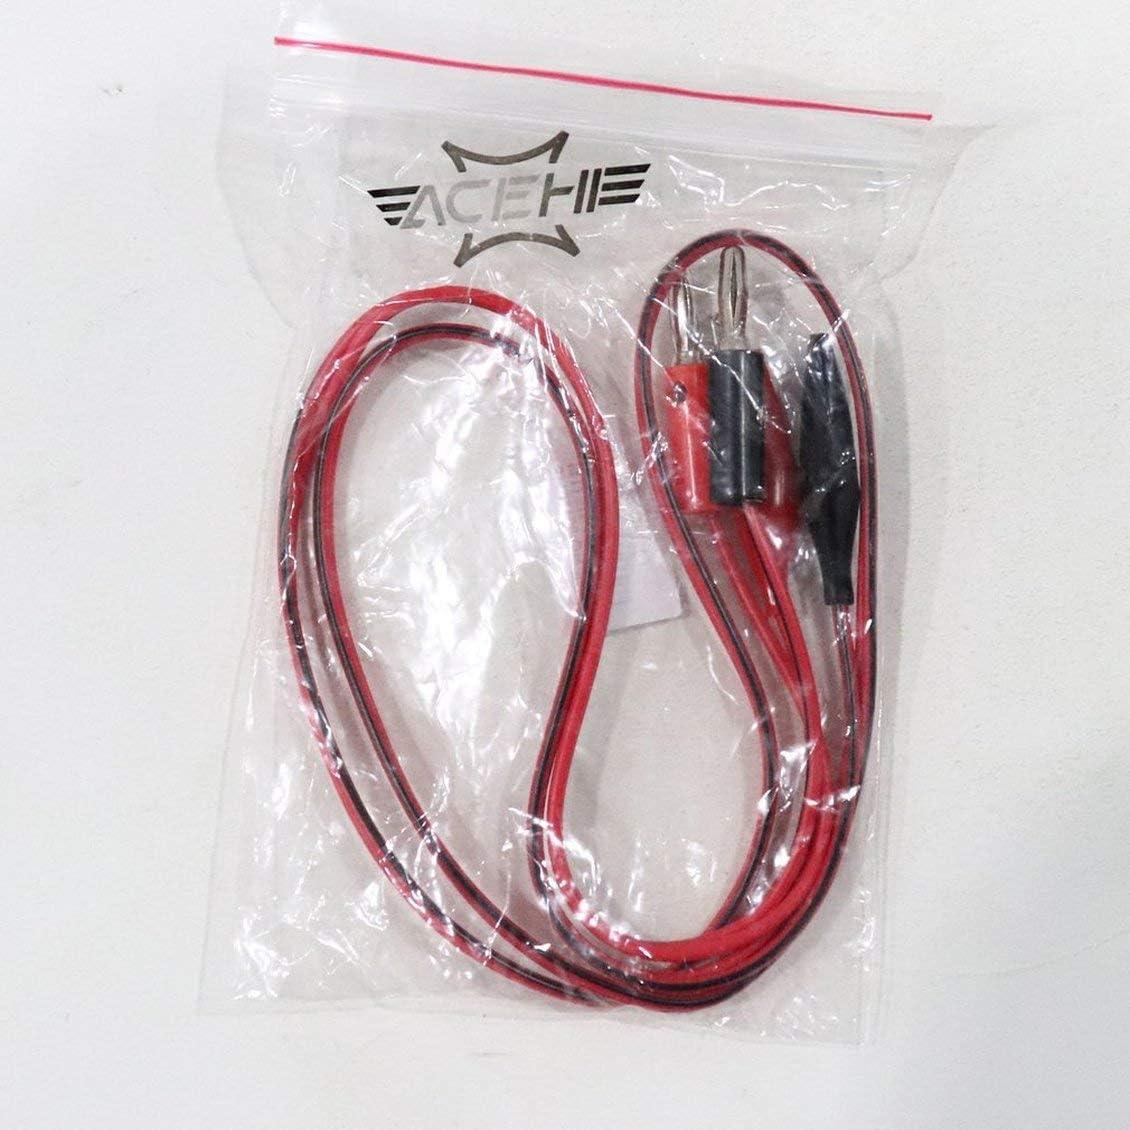 Puntas de prueba el/éctricas de pinza de cocodrilo Cable de conector banana tipo pin pin para mult/ímetro digital Cable Pluma Herramienta de prueba de cable Rojo y negro